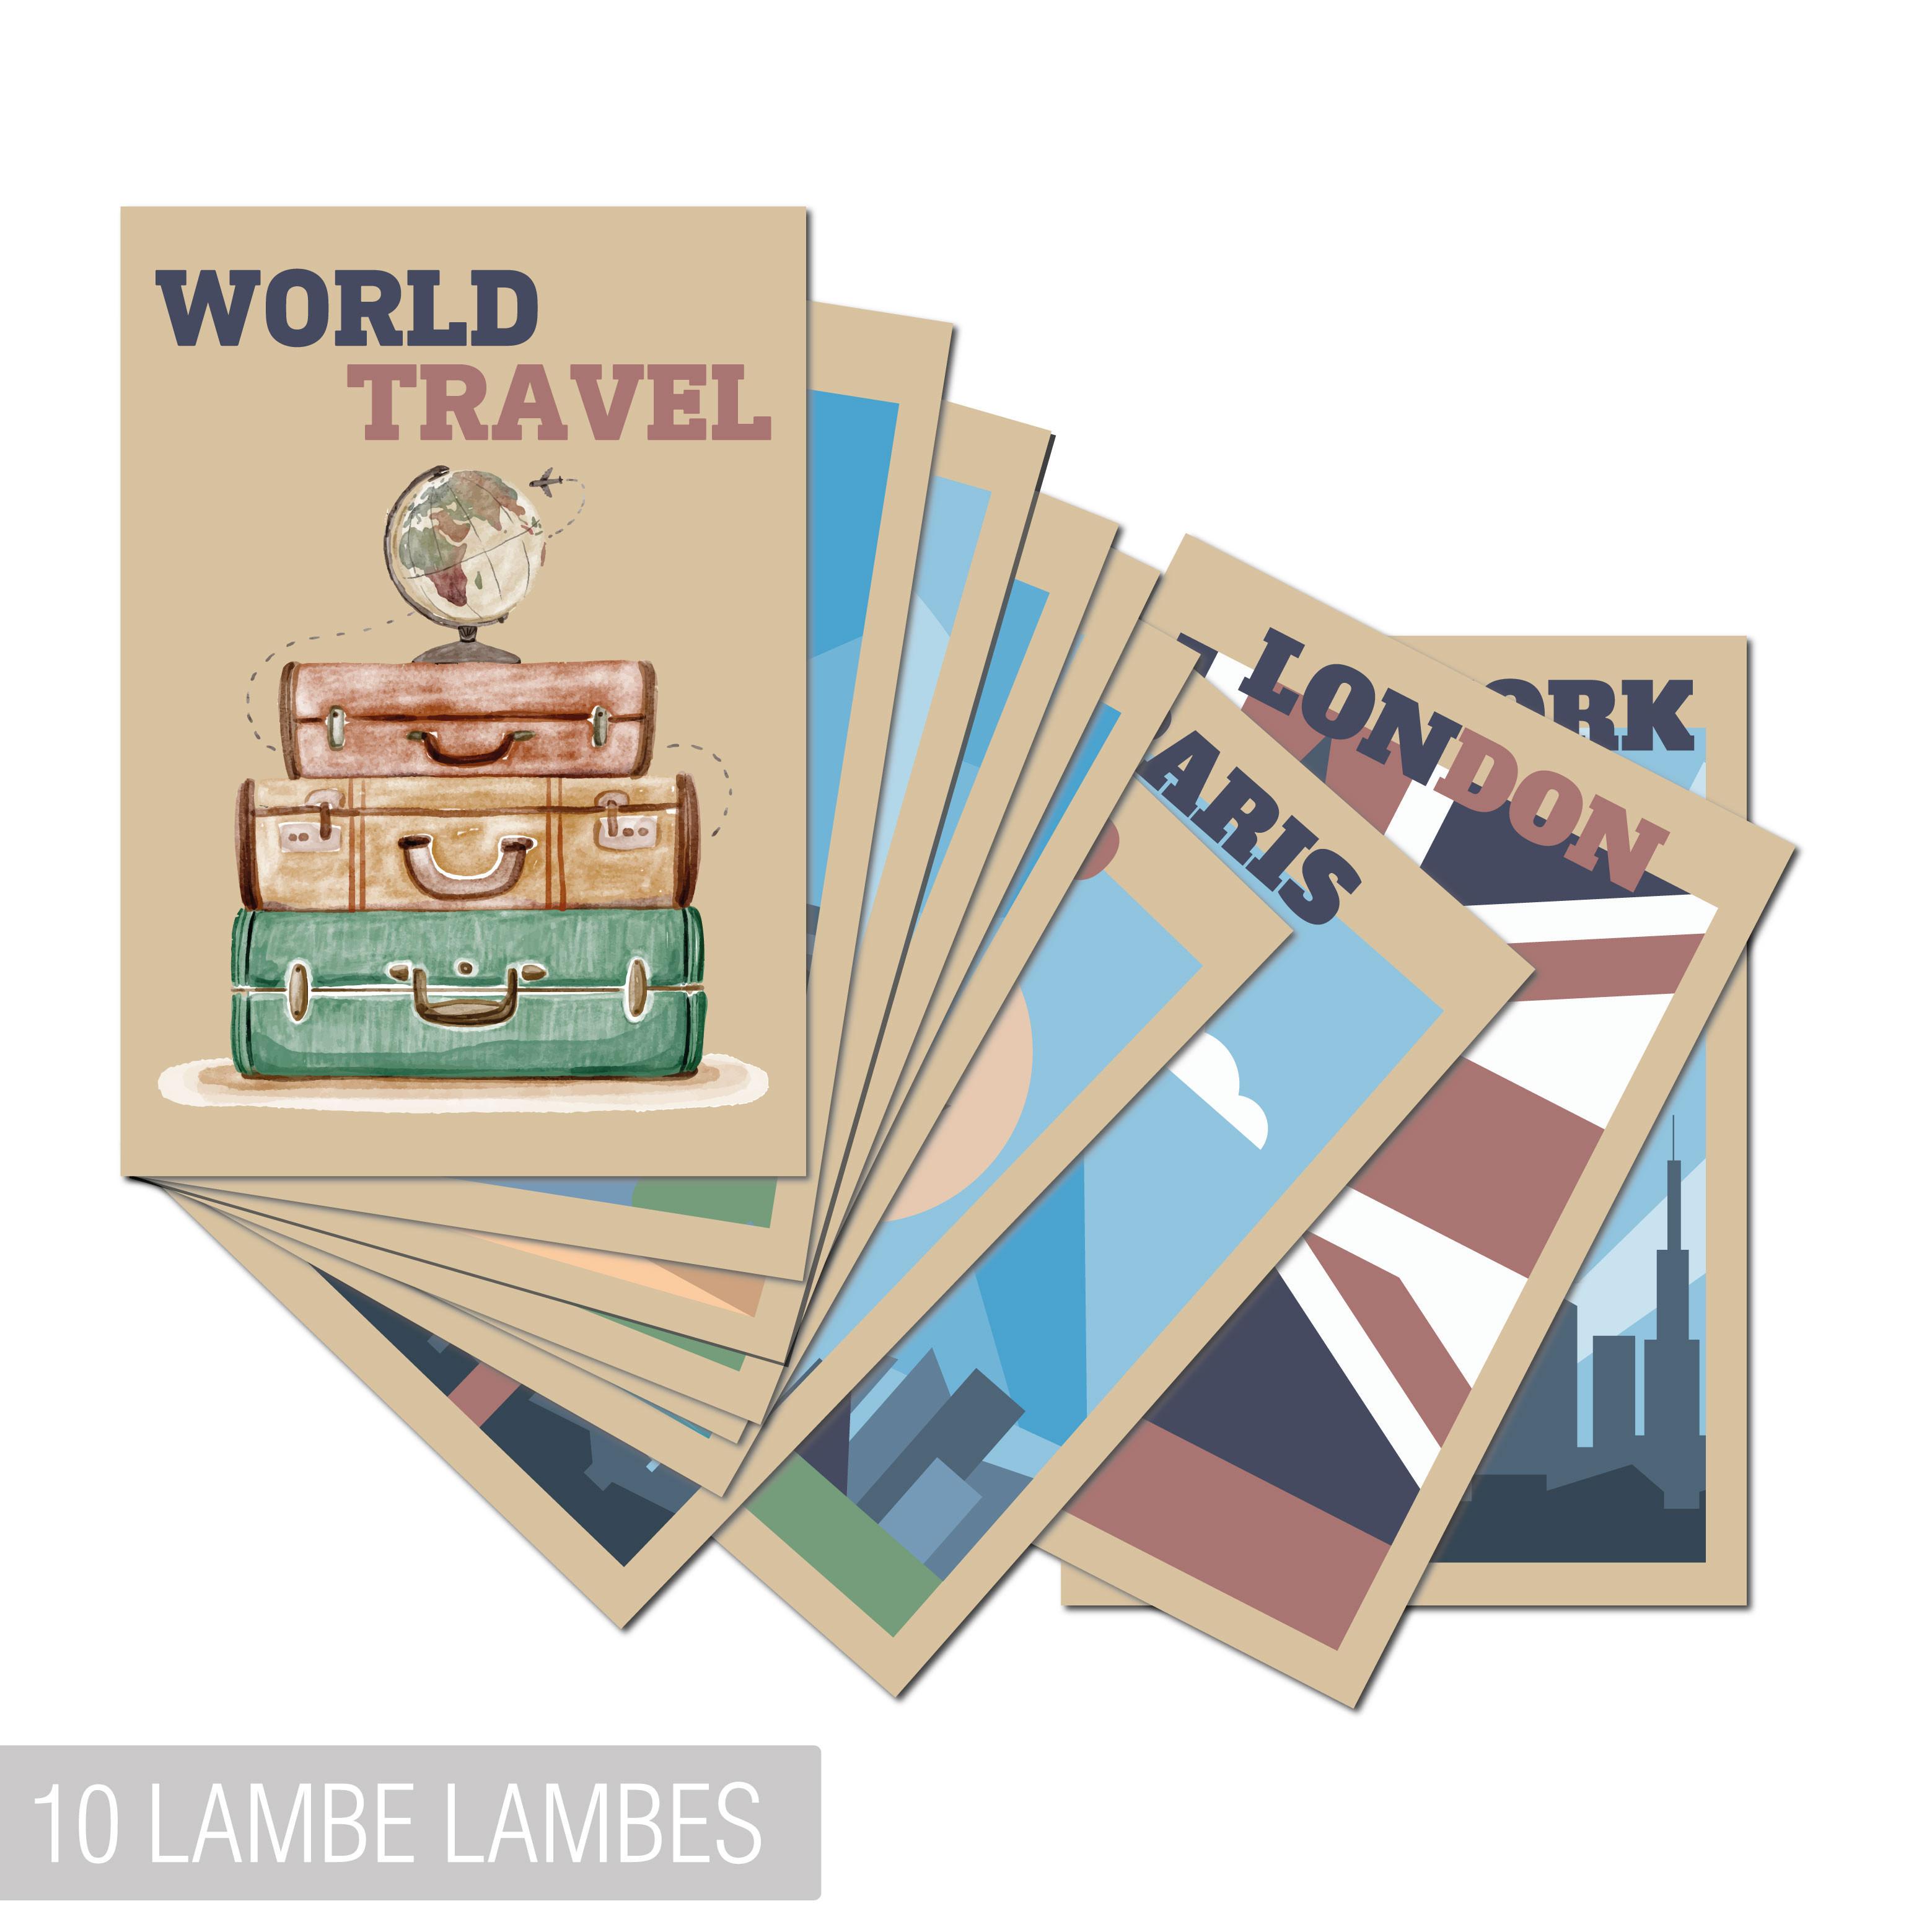 Kit 10 Lambe Lambes World Travel